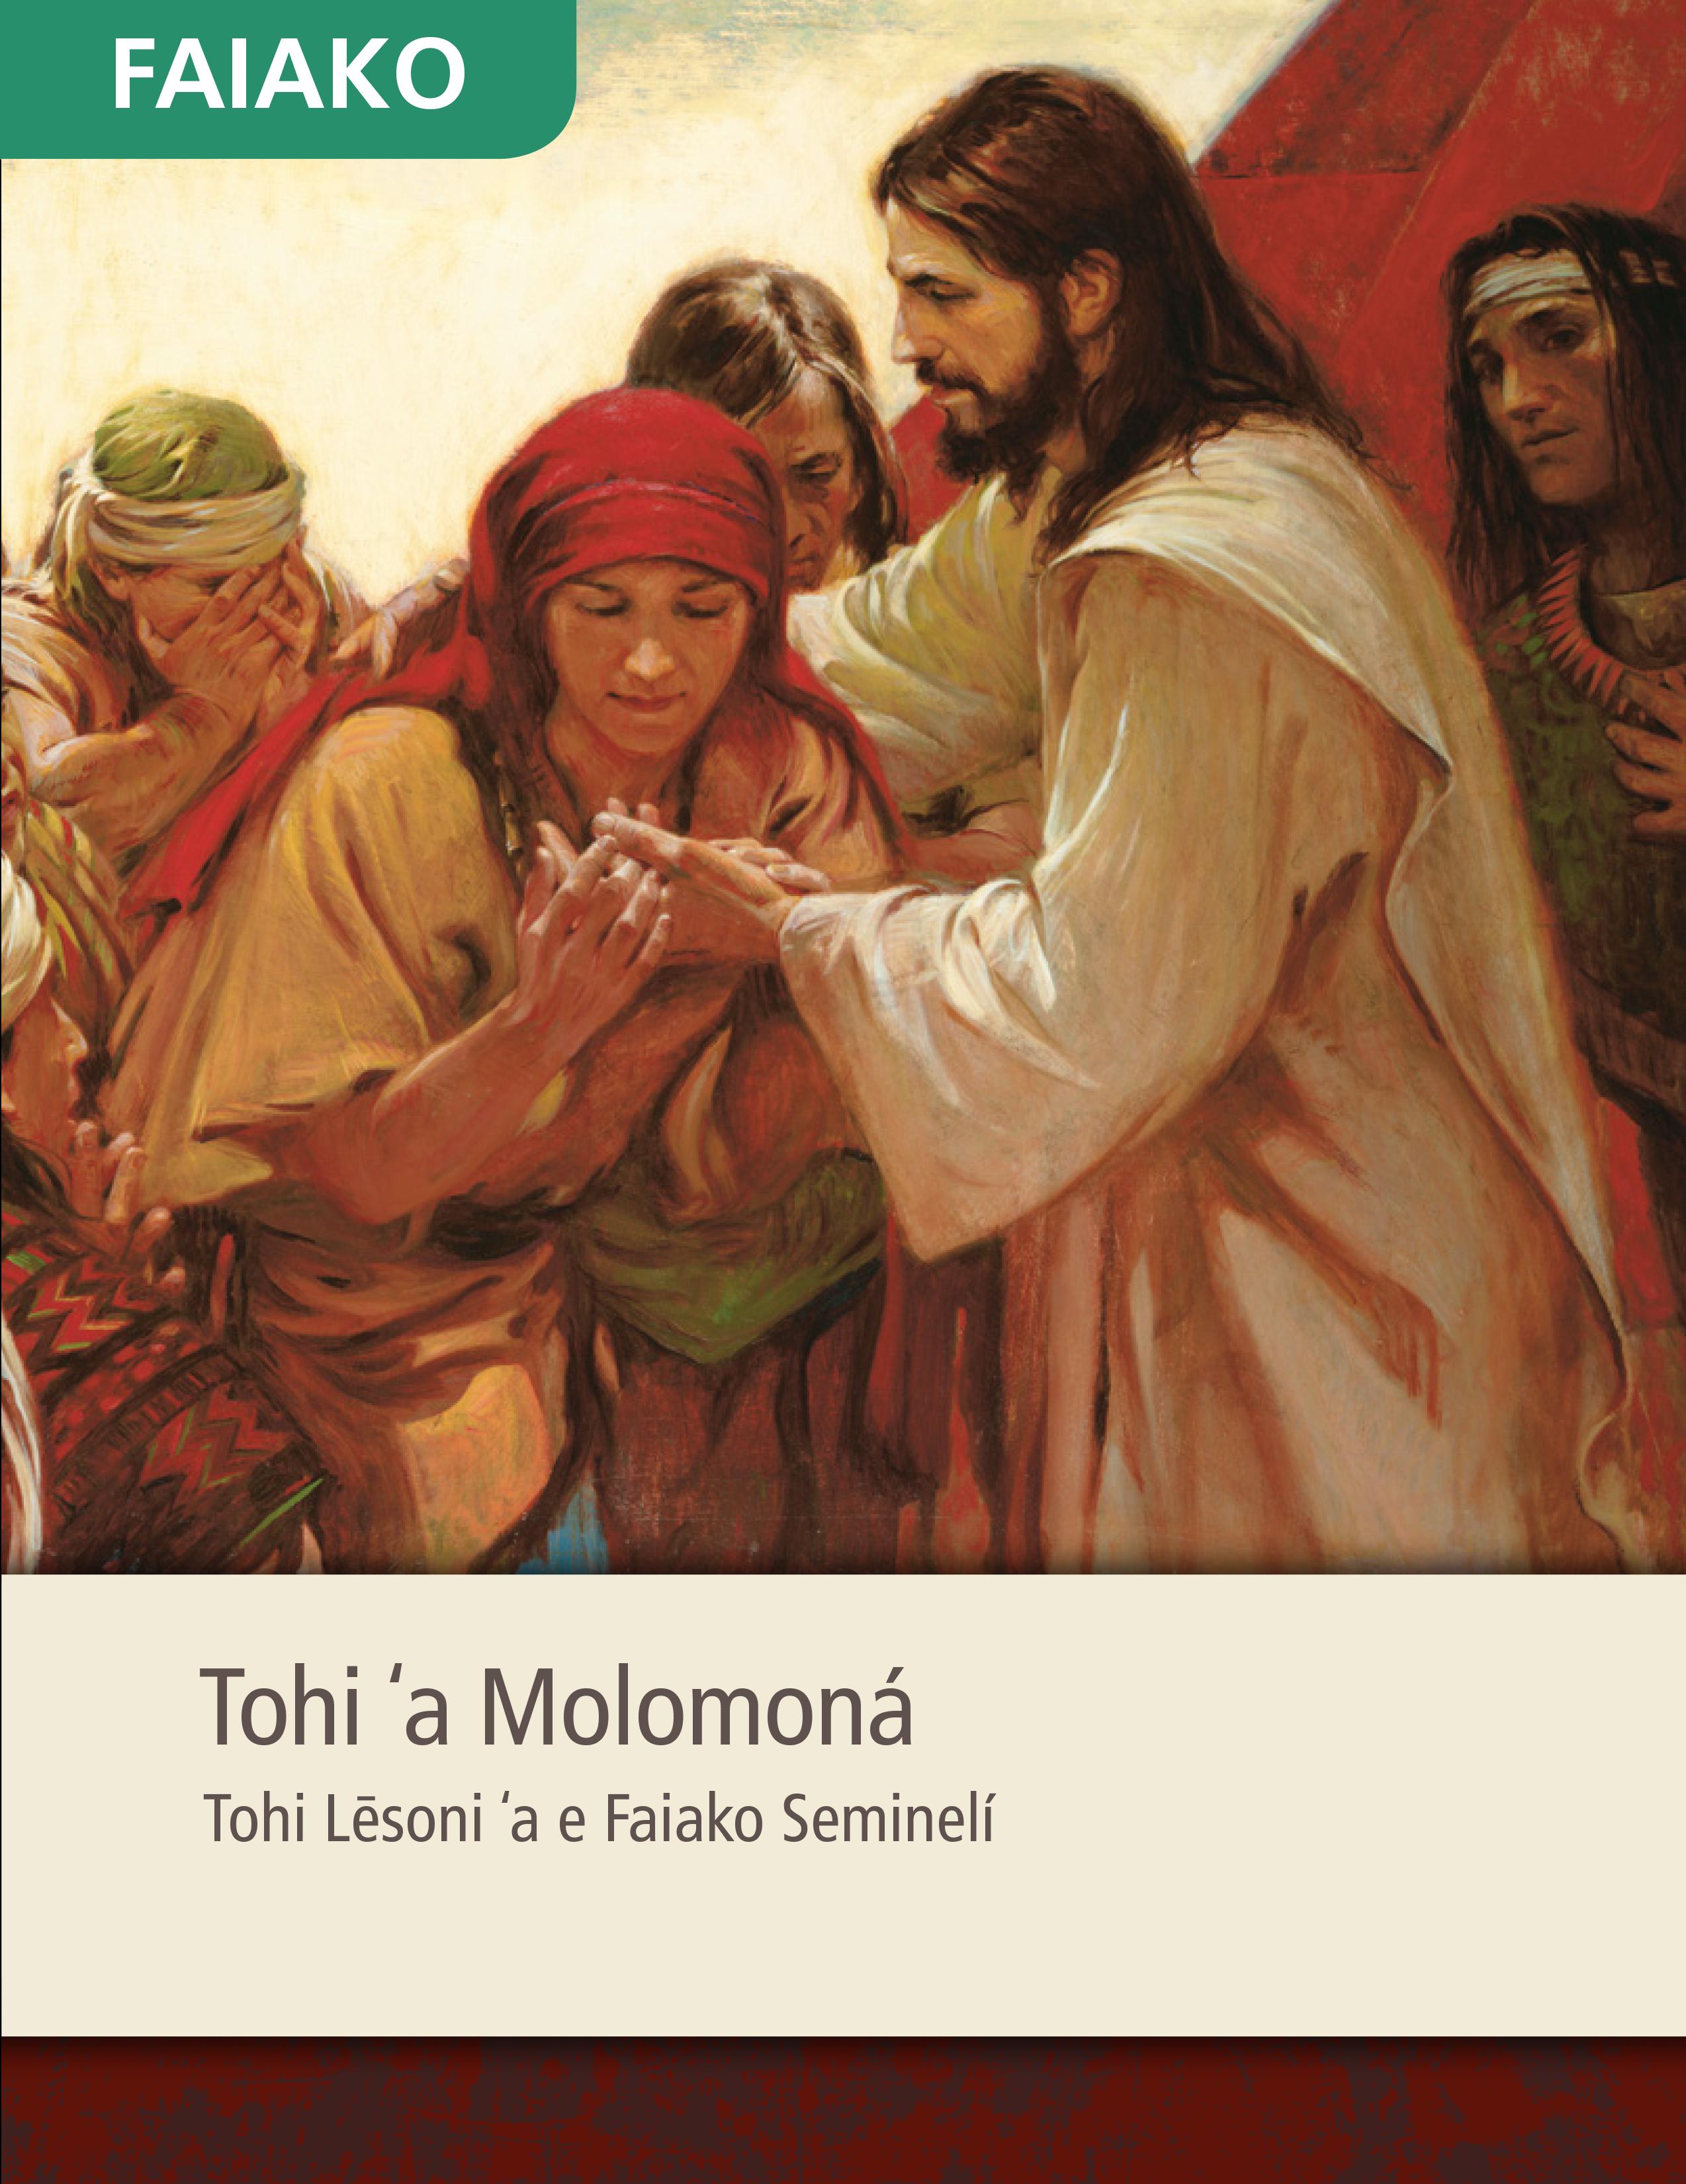 Tohi ʻa Molomoná Tohi Lēsoni ʻa e Faiako Seminelí